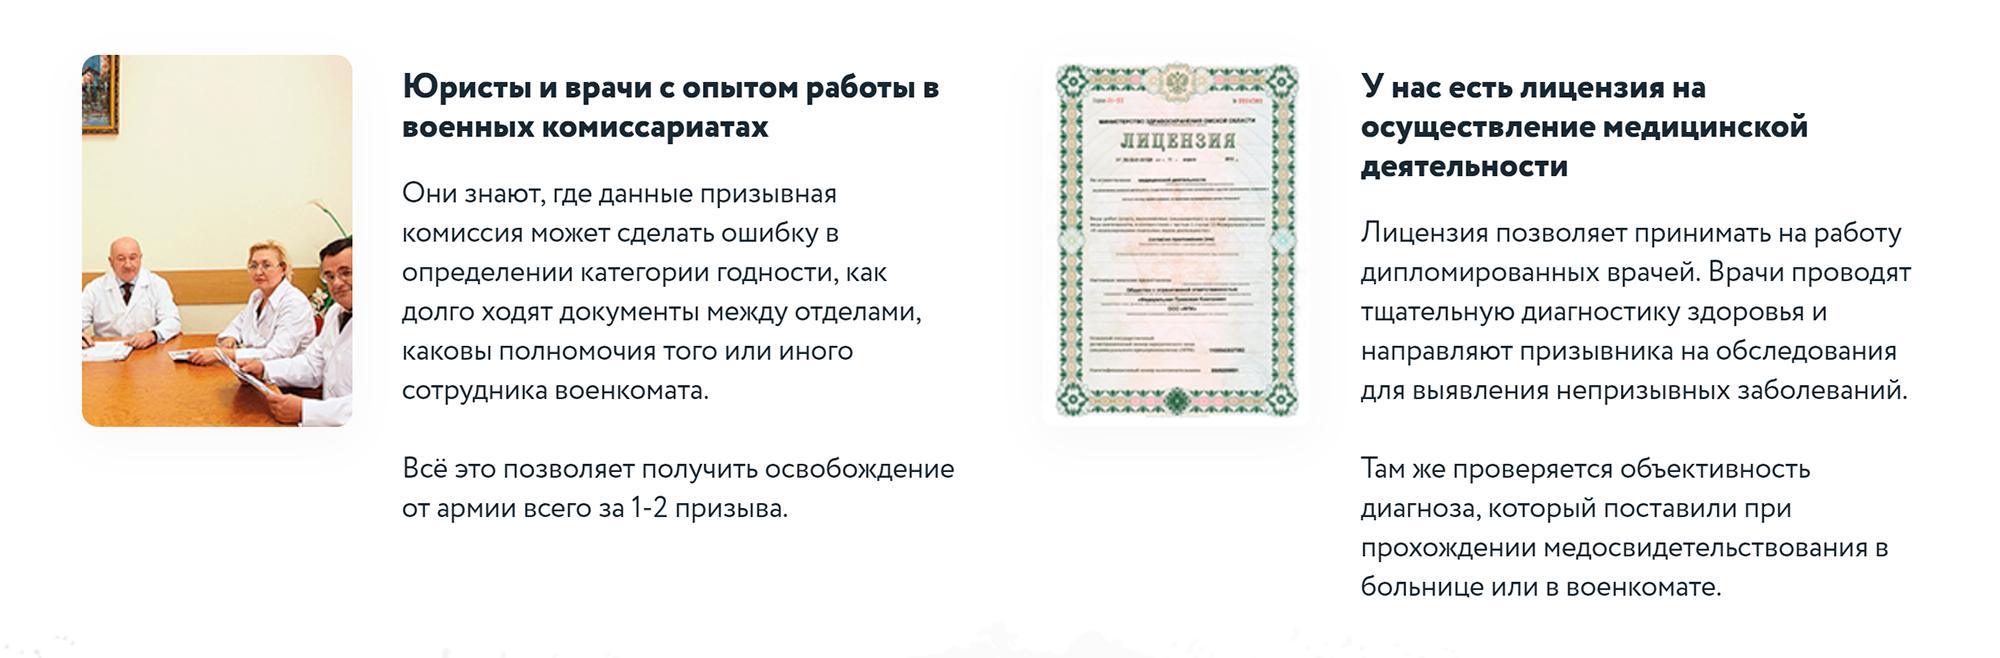 Если верить сайту prizyvanet.com, юристы и врачи раньше работали в военных комиссариатах. Но в вакансиях на hh.ru в требованиях к сотрудникам нет указания на обязательный опыт работы в военкоматах